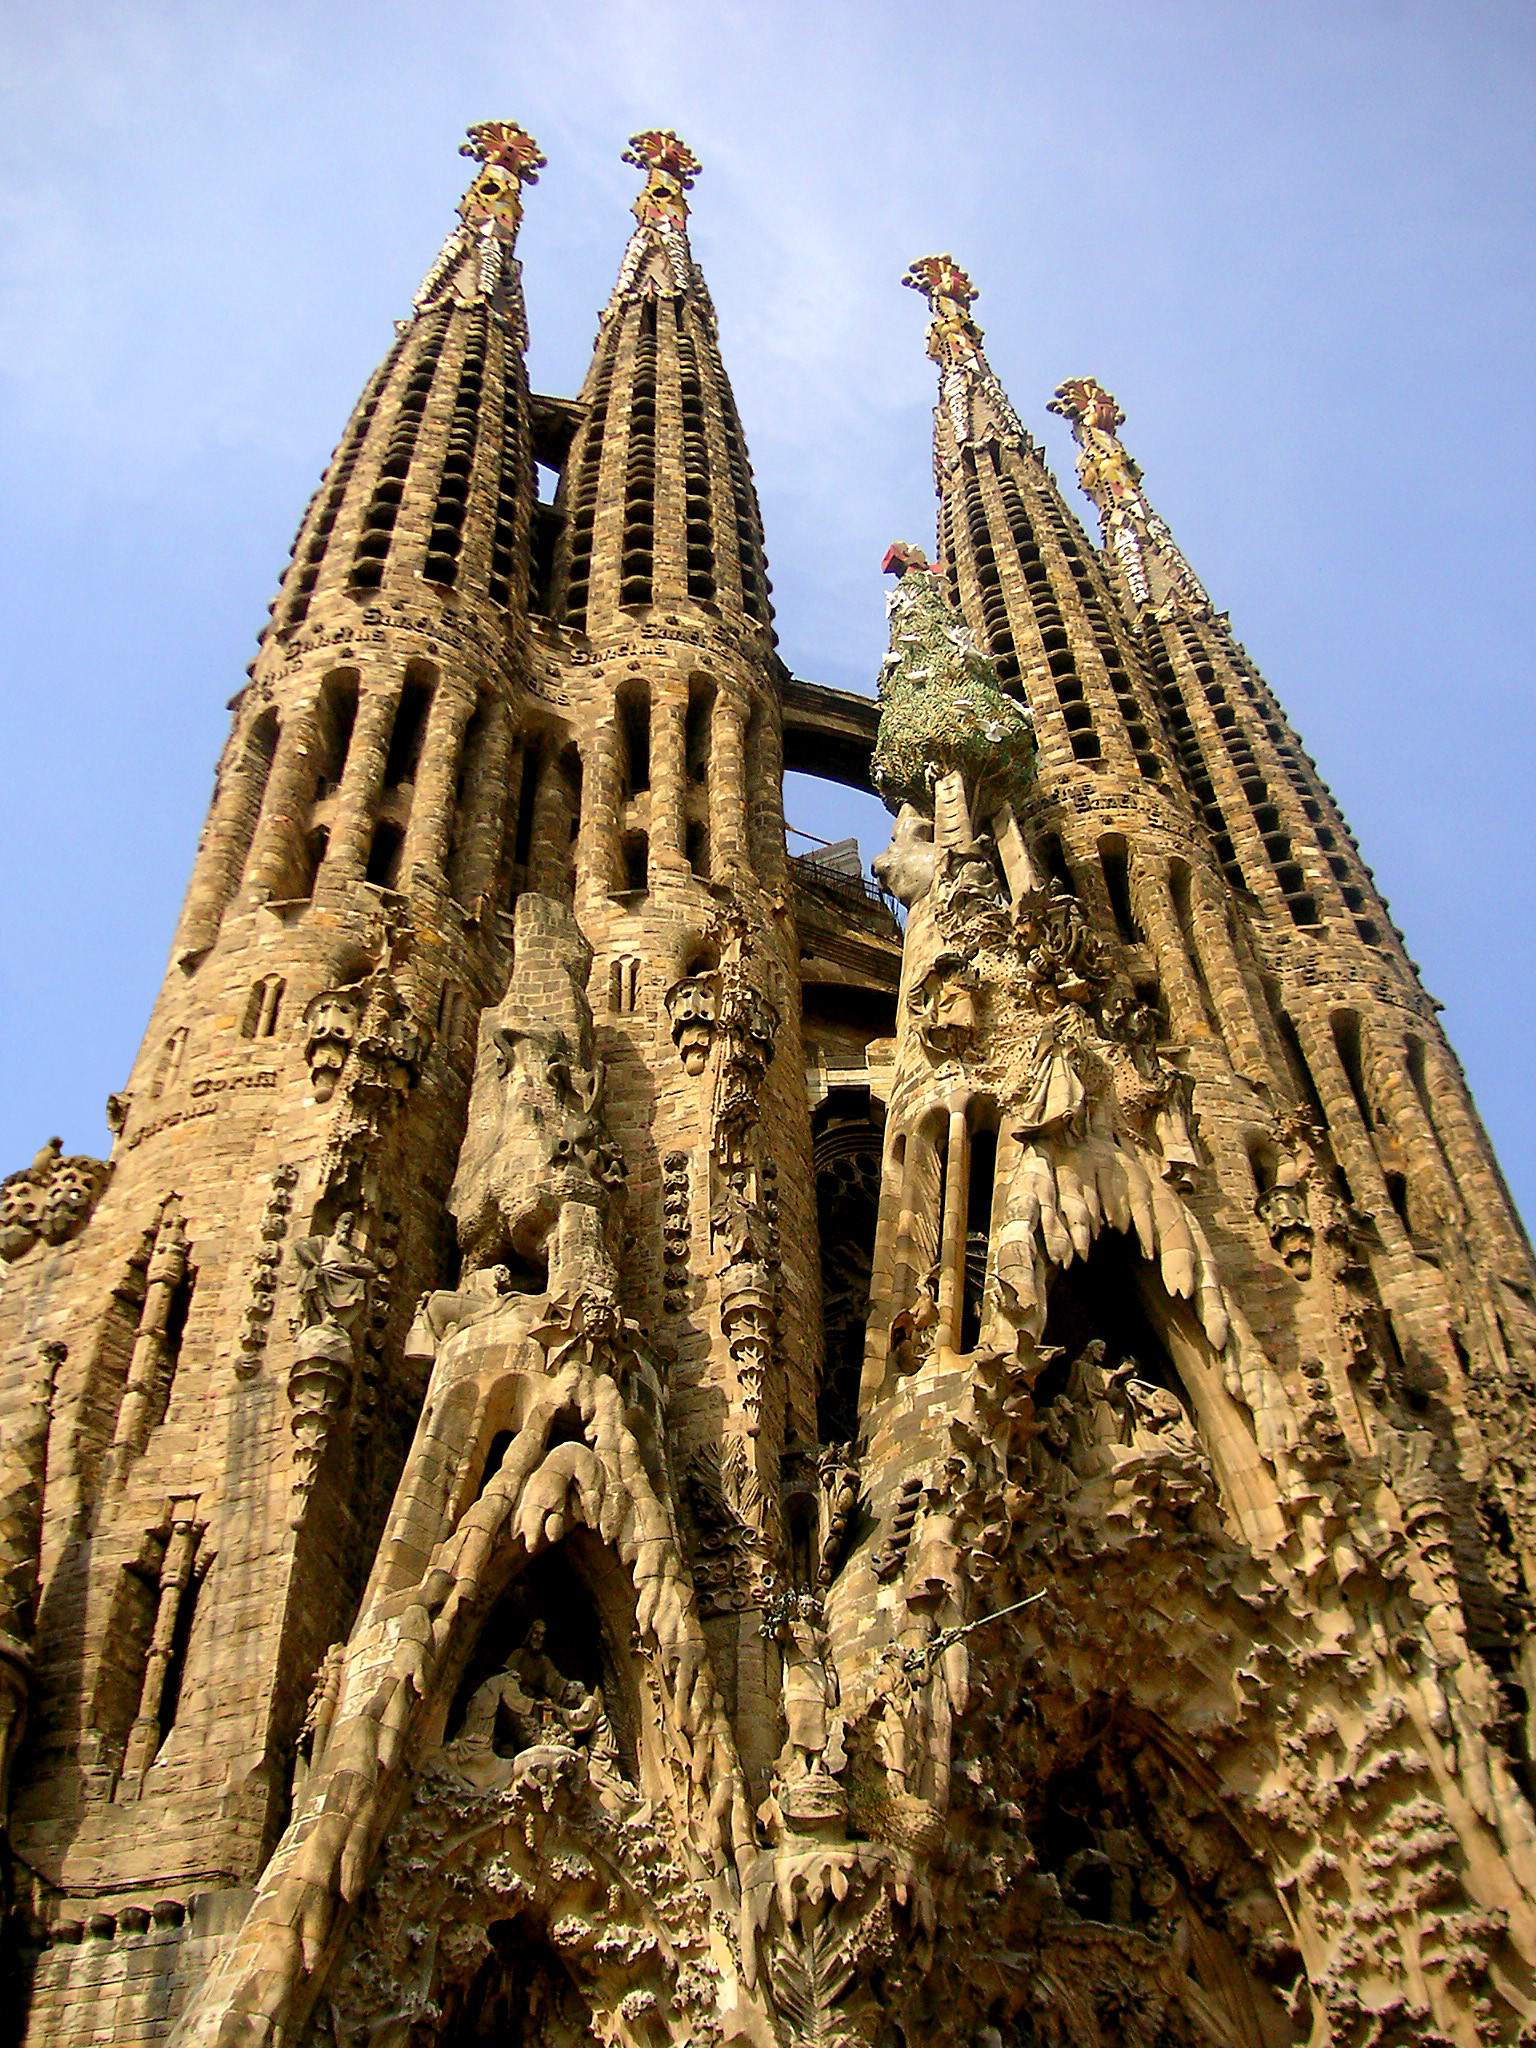 Fatti sulla Sagrada Família di Gaudí